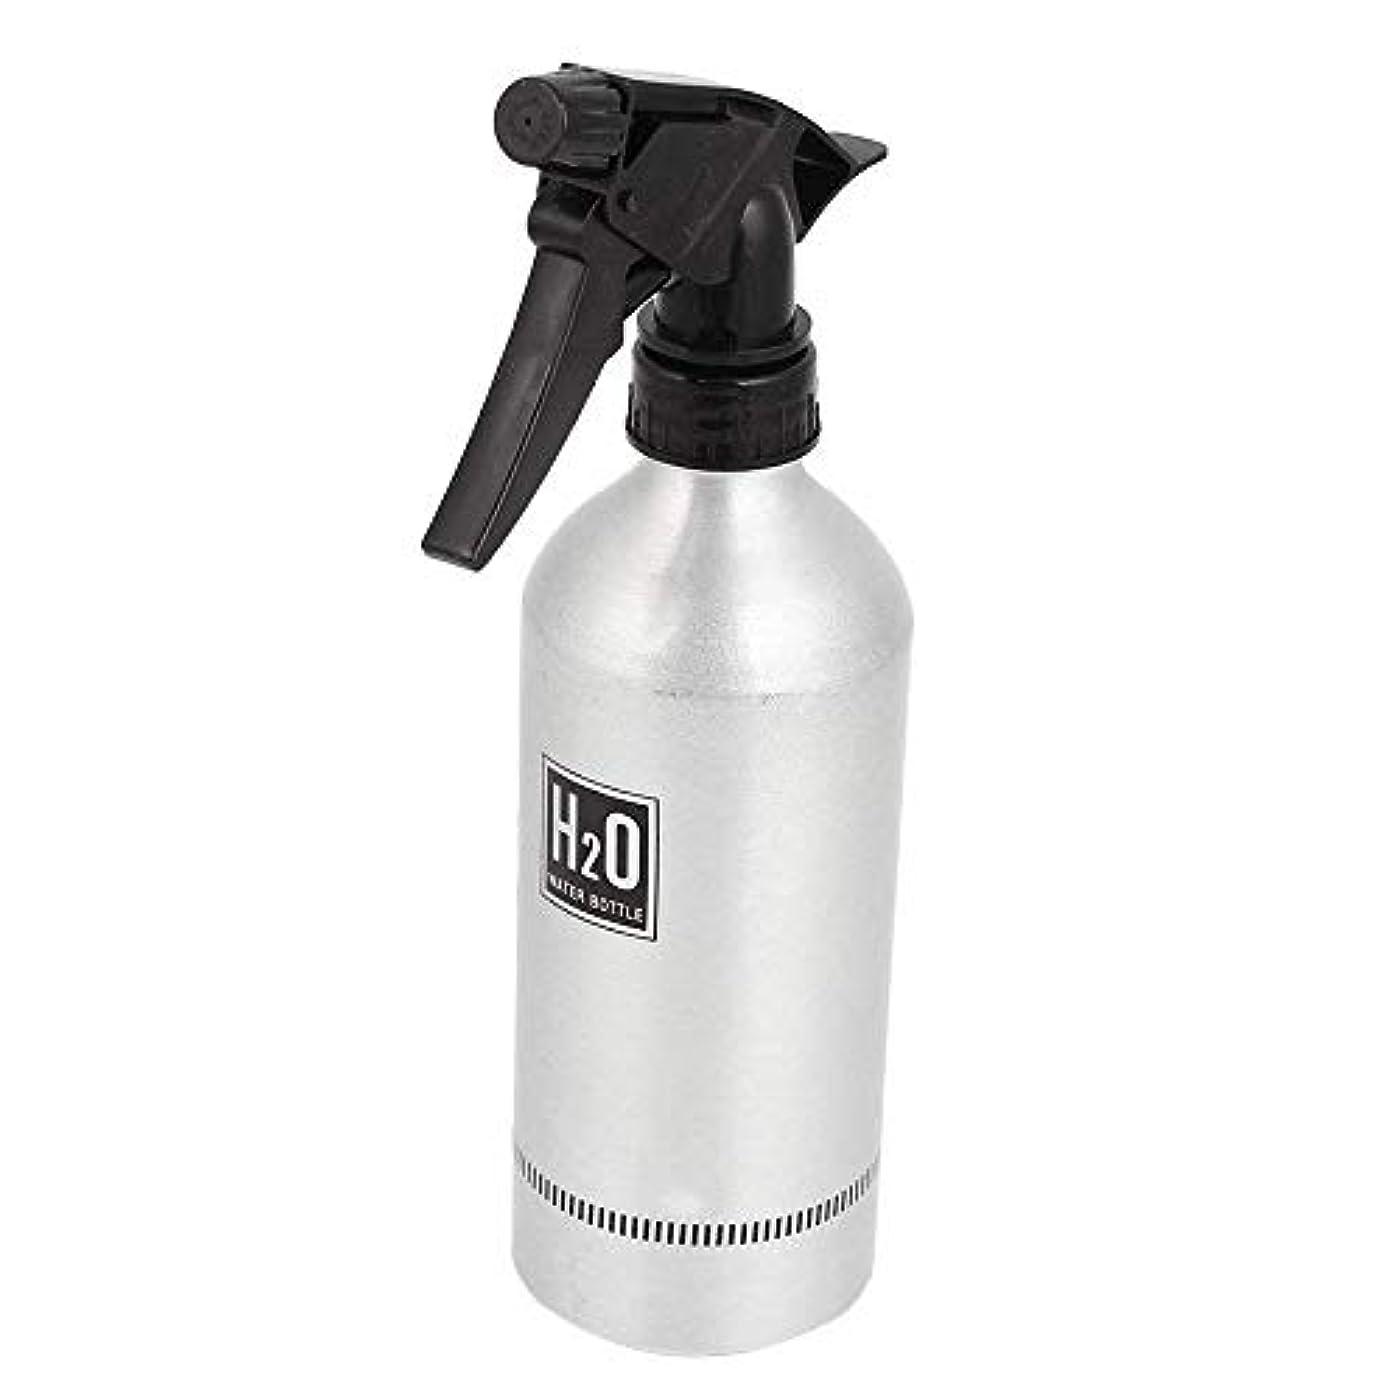 承認する破裂発症Onior アルミ スプレー缶 水髪器 スプレー スプレーボトル 美容ツール サロン 理髪師 美容師 清潔 クリーニング 500ミリリットル